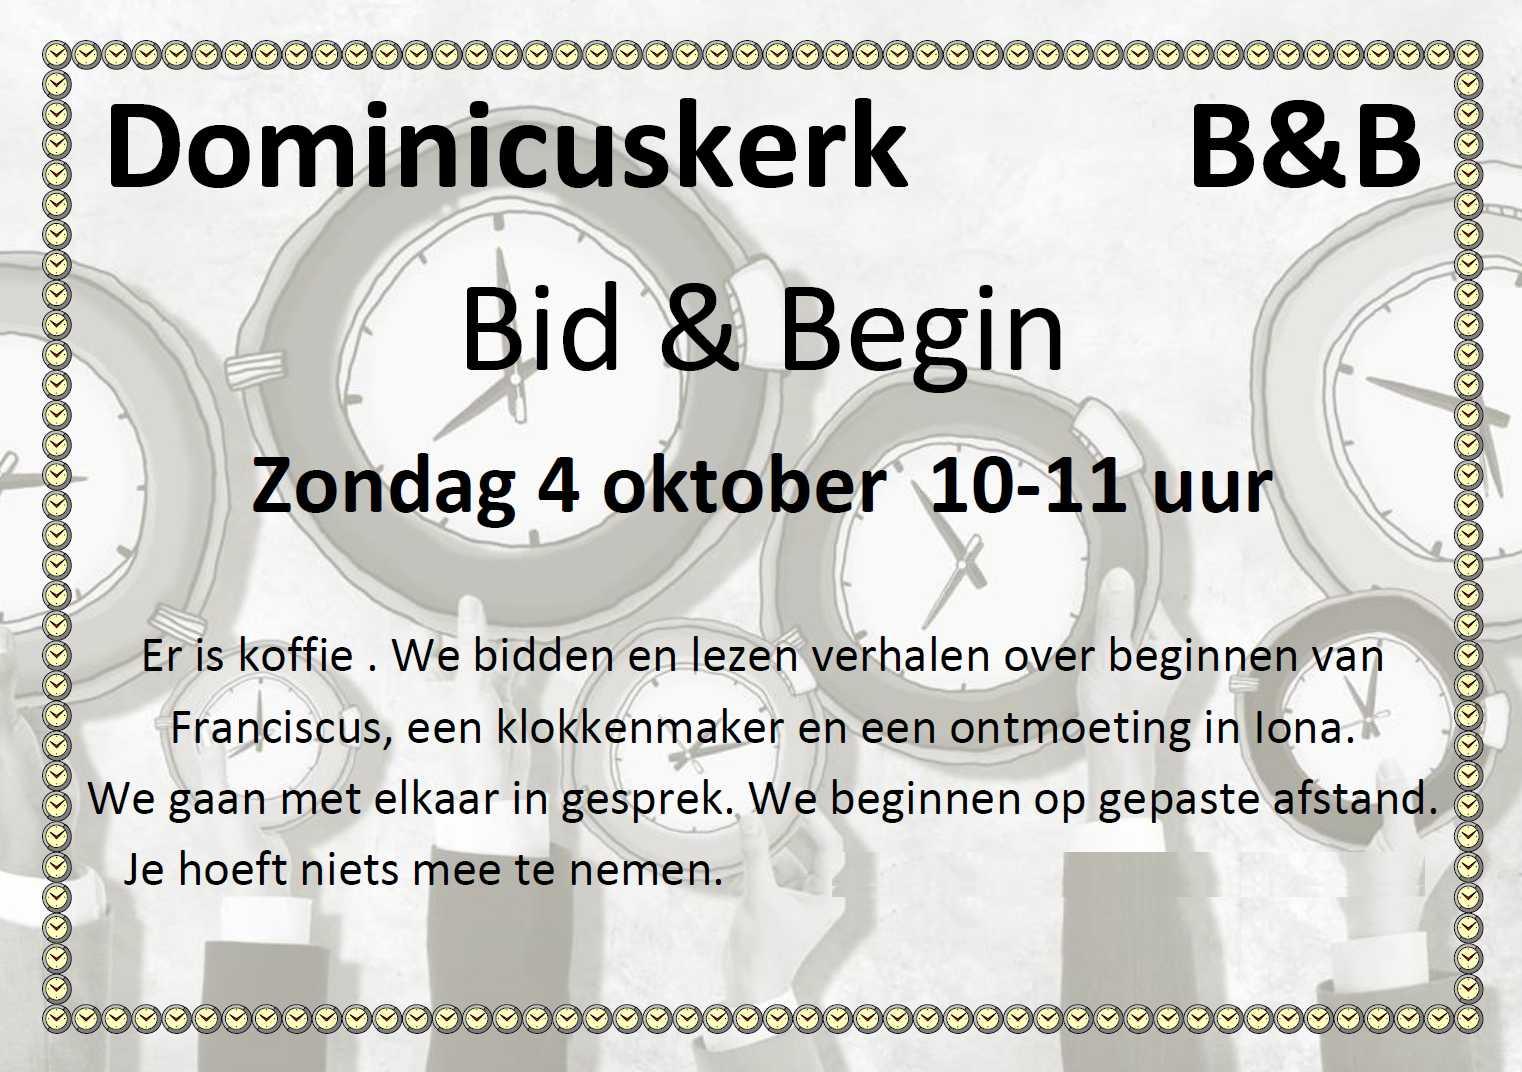 Poster Bid & Begin, 4 oktober 2020